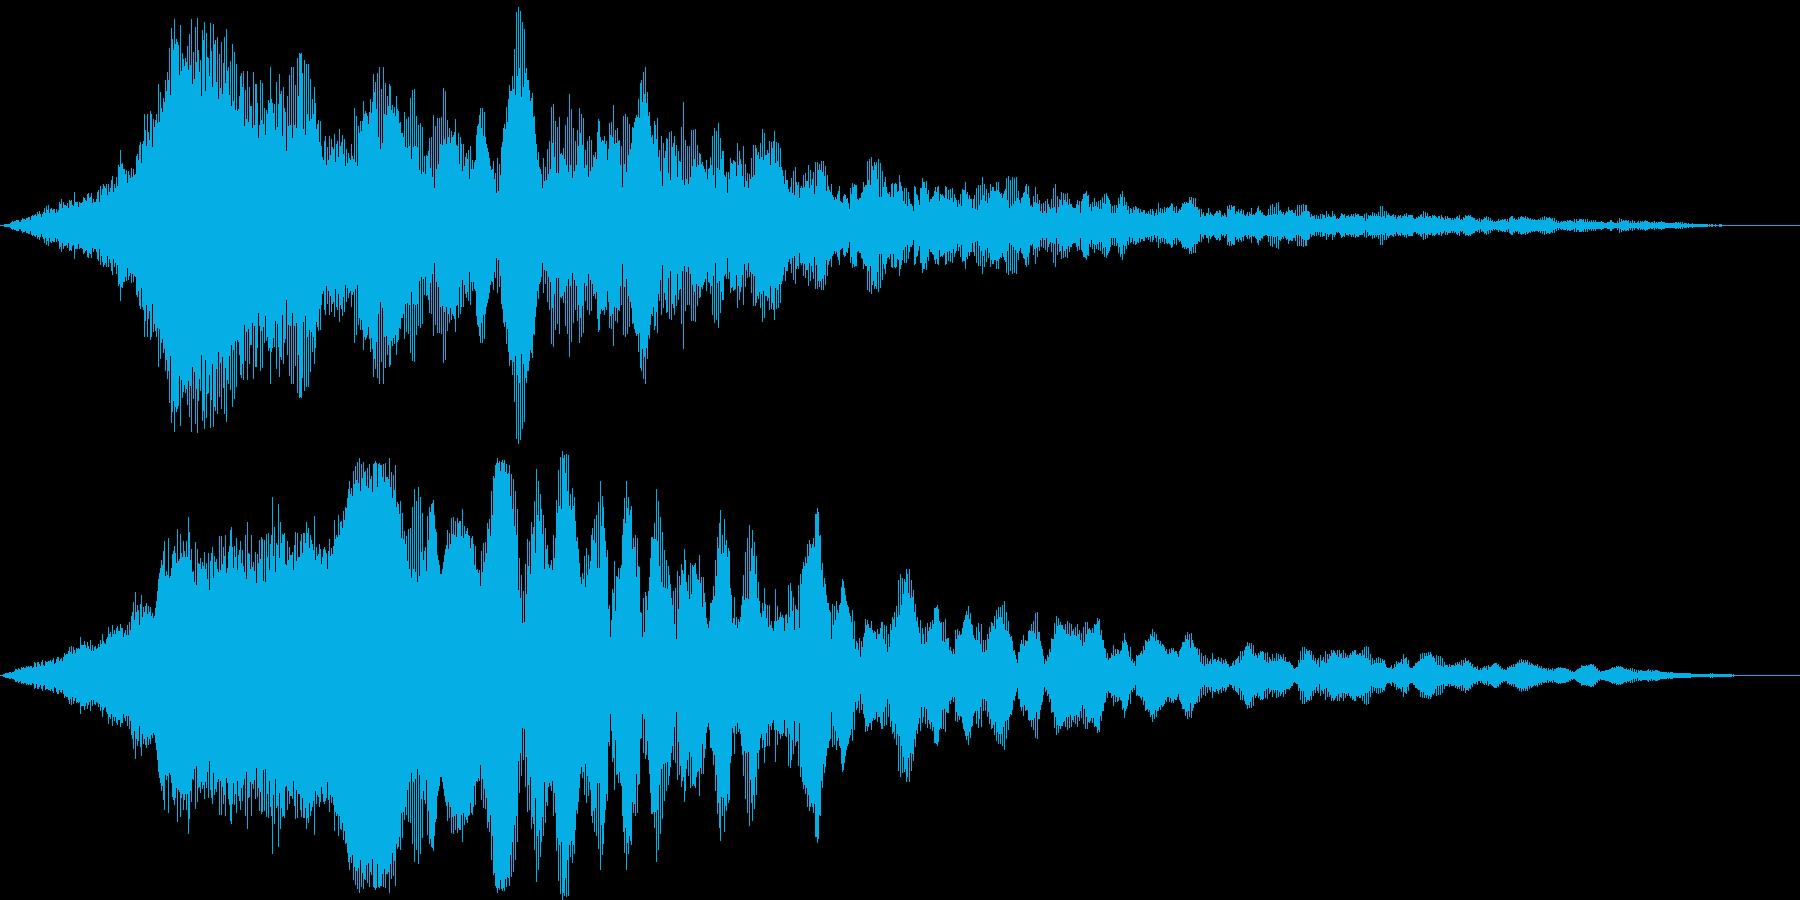 迫力のタイトルロゴ(映画・トレーラー)3の再生済みの波形